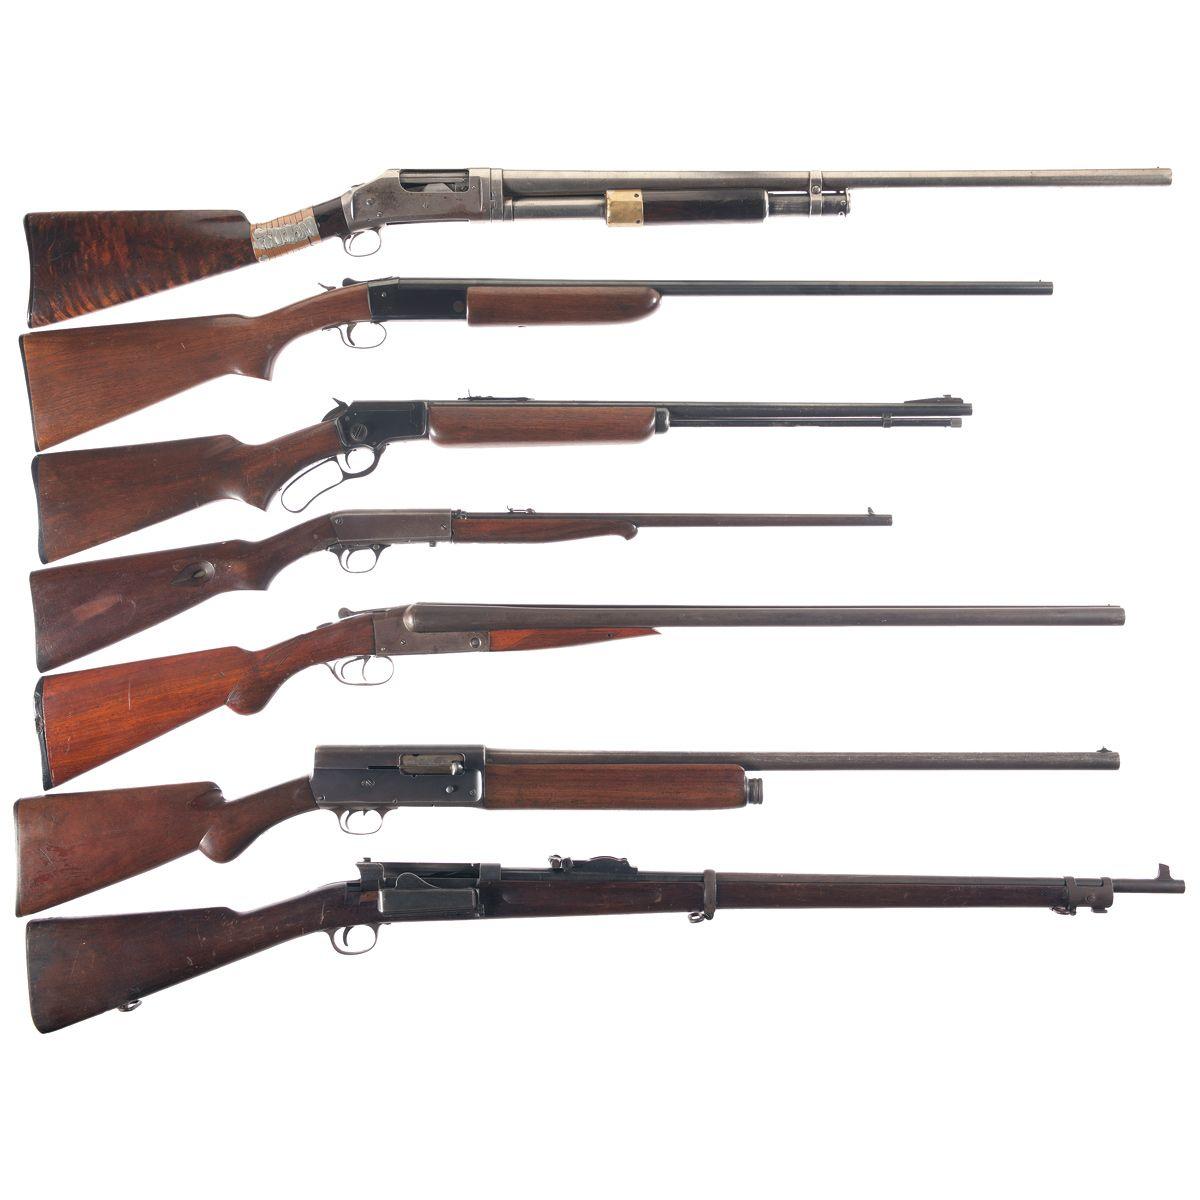 Seven Long Guns -A) Winchester Model 1897 Slide Action Trap Shotgun